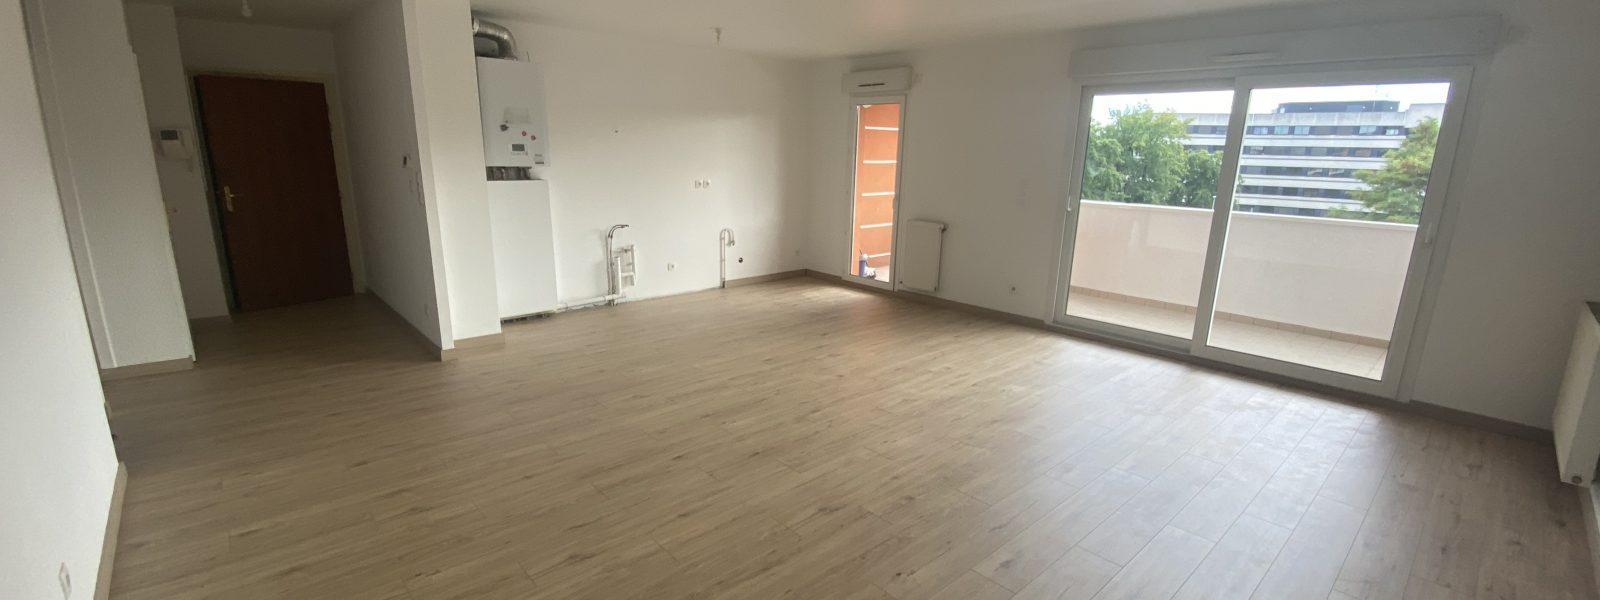 CHEMIN DE COLLEX - Appartement 90m² - Visuel 1 - Impact immobilier 01